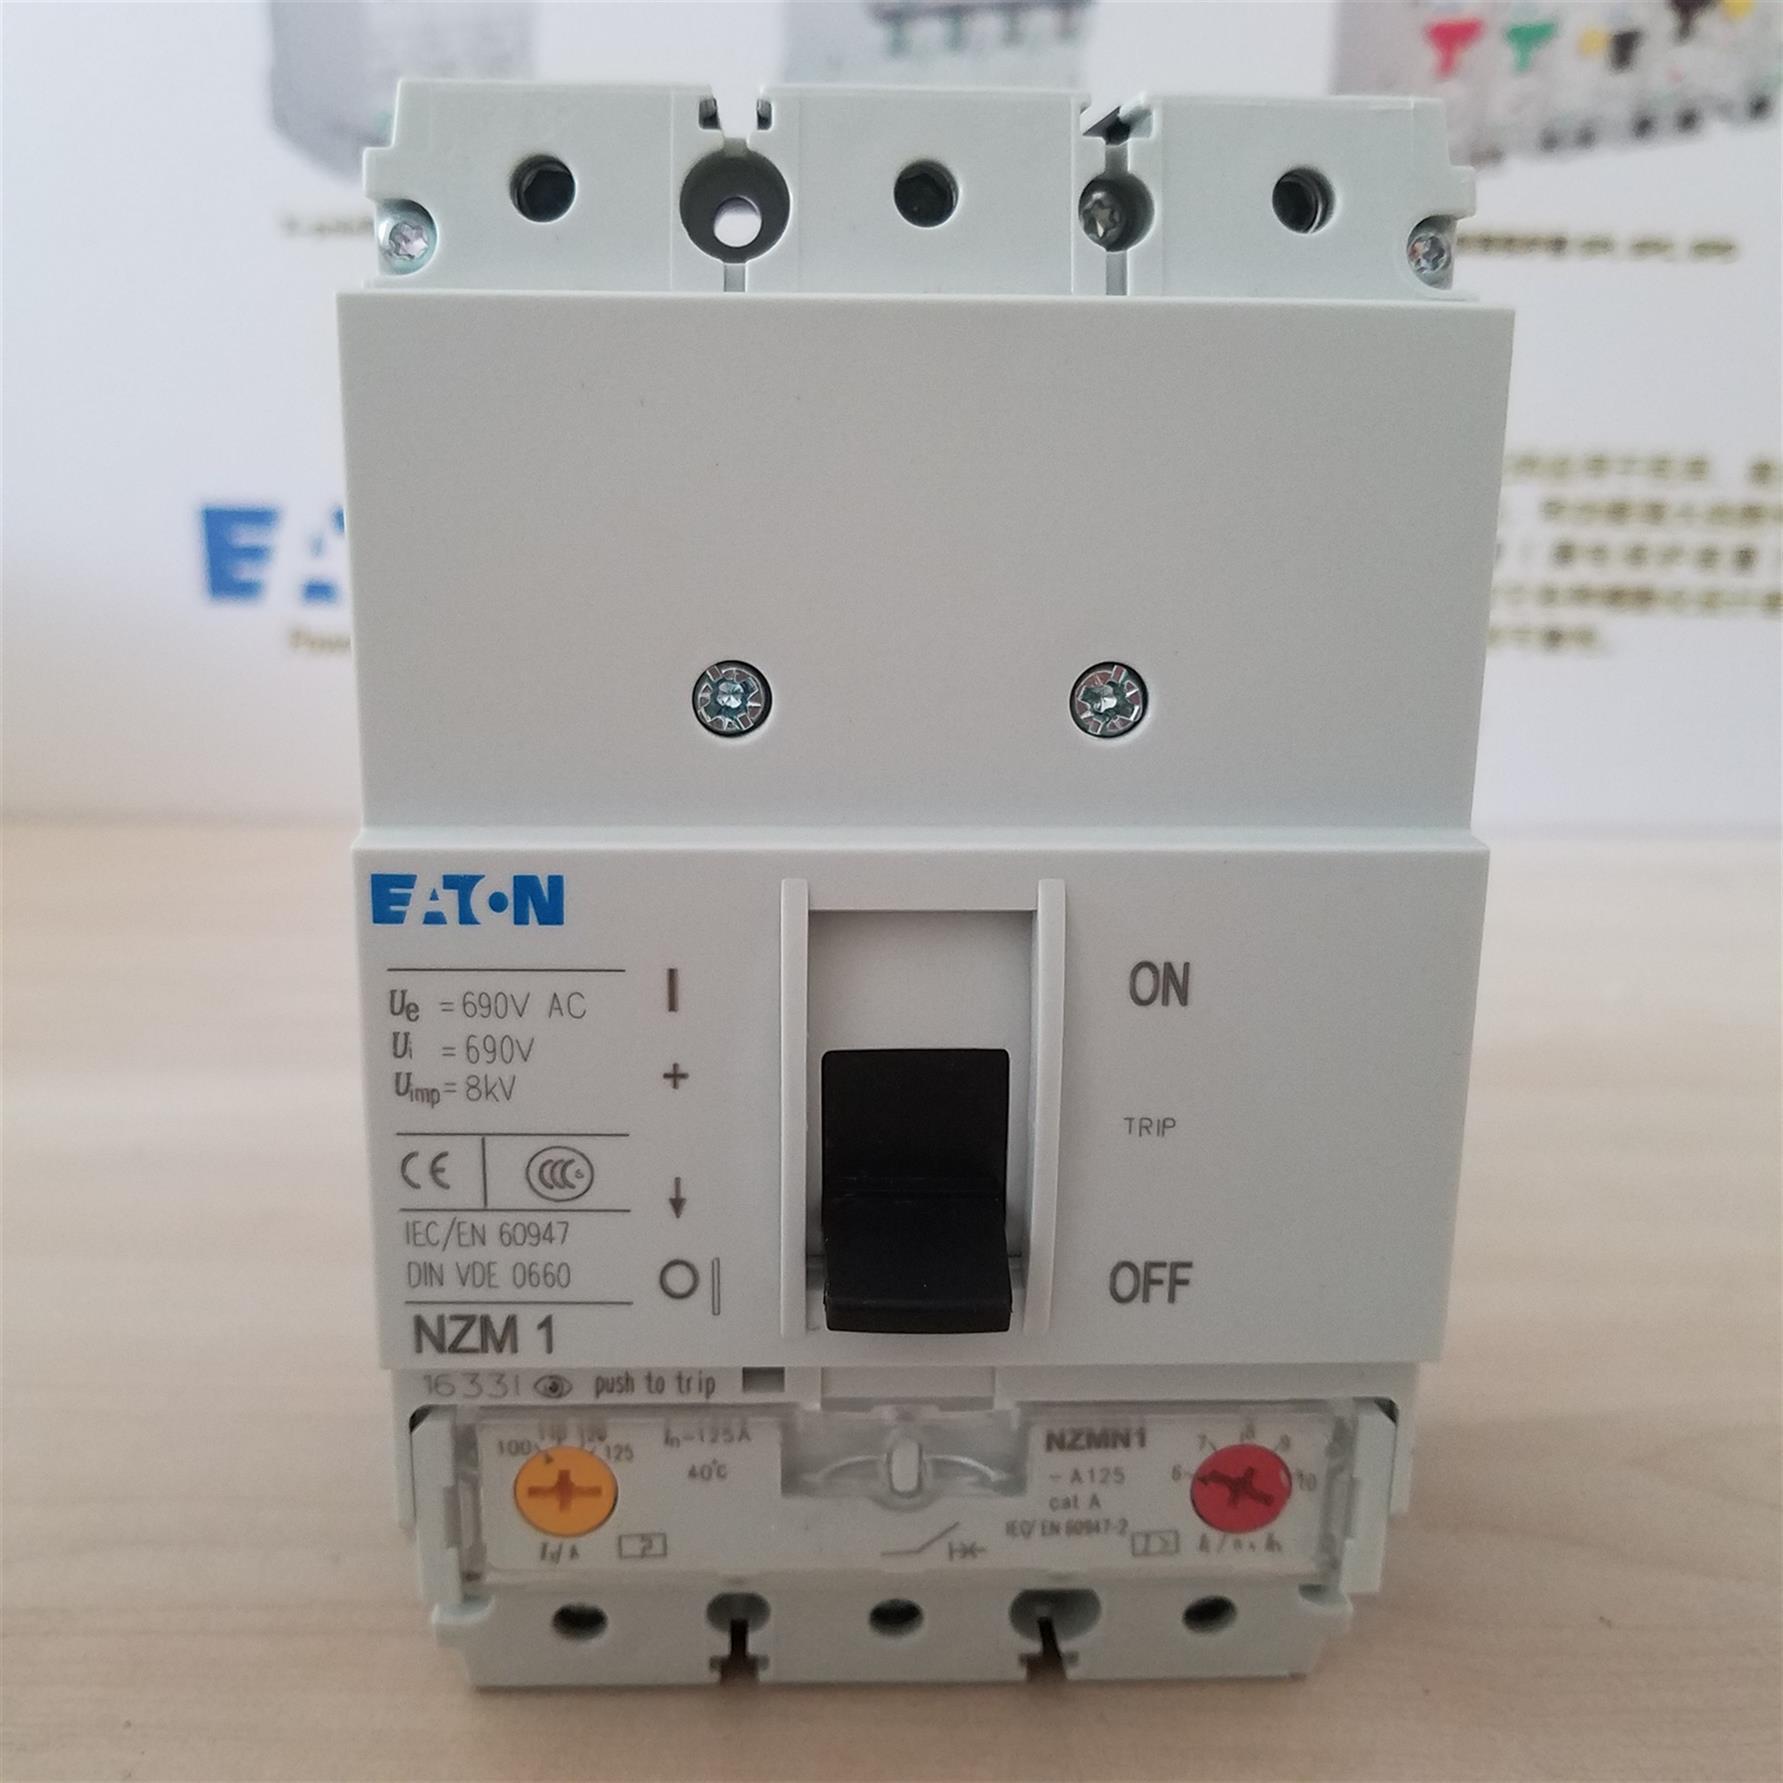 NZMN1-S63EATON 穆勒塑壳断路器供应商